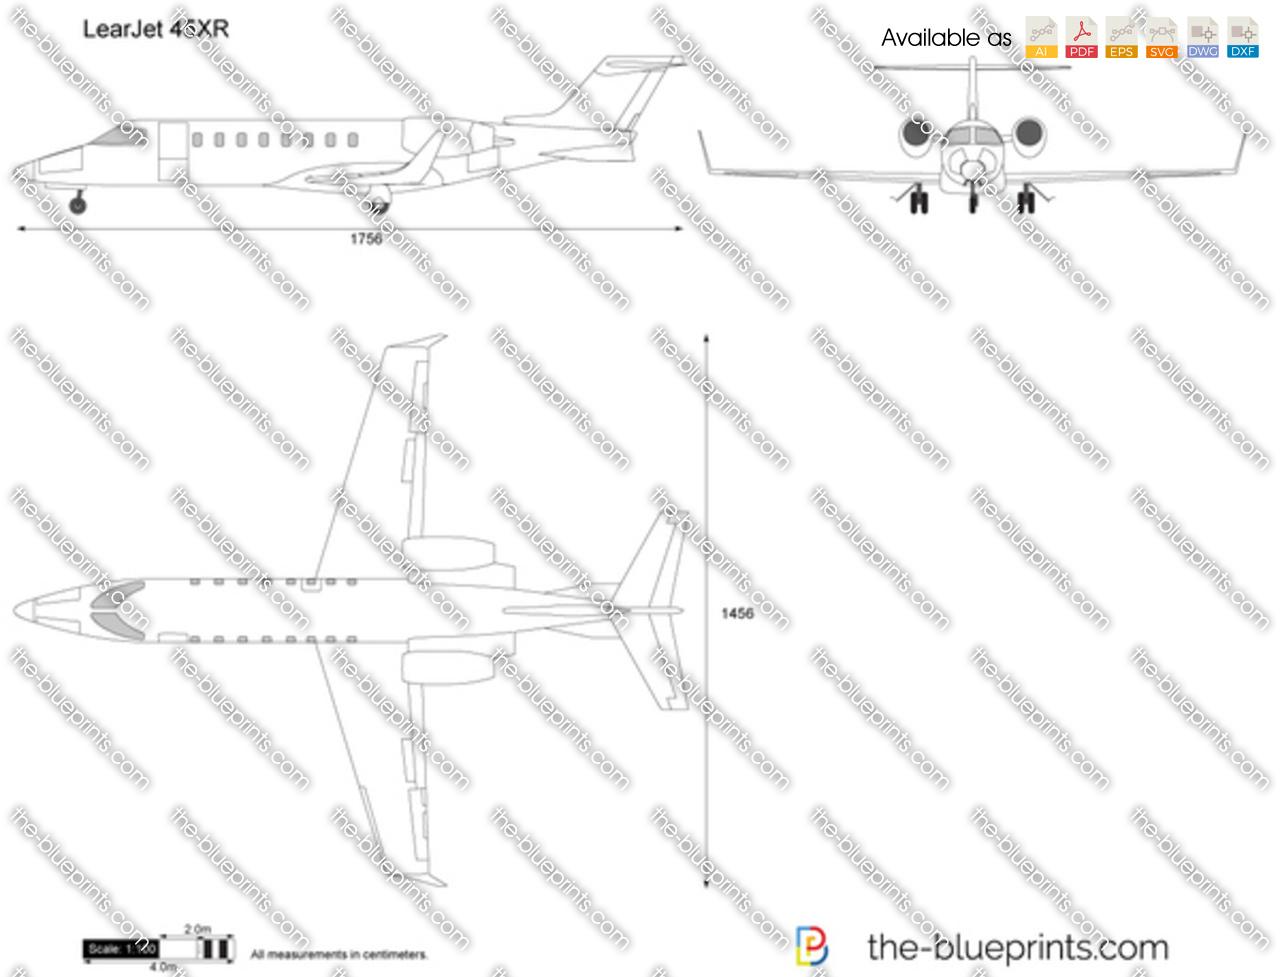 LearJet 45XR vector drawing